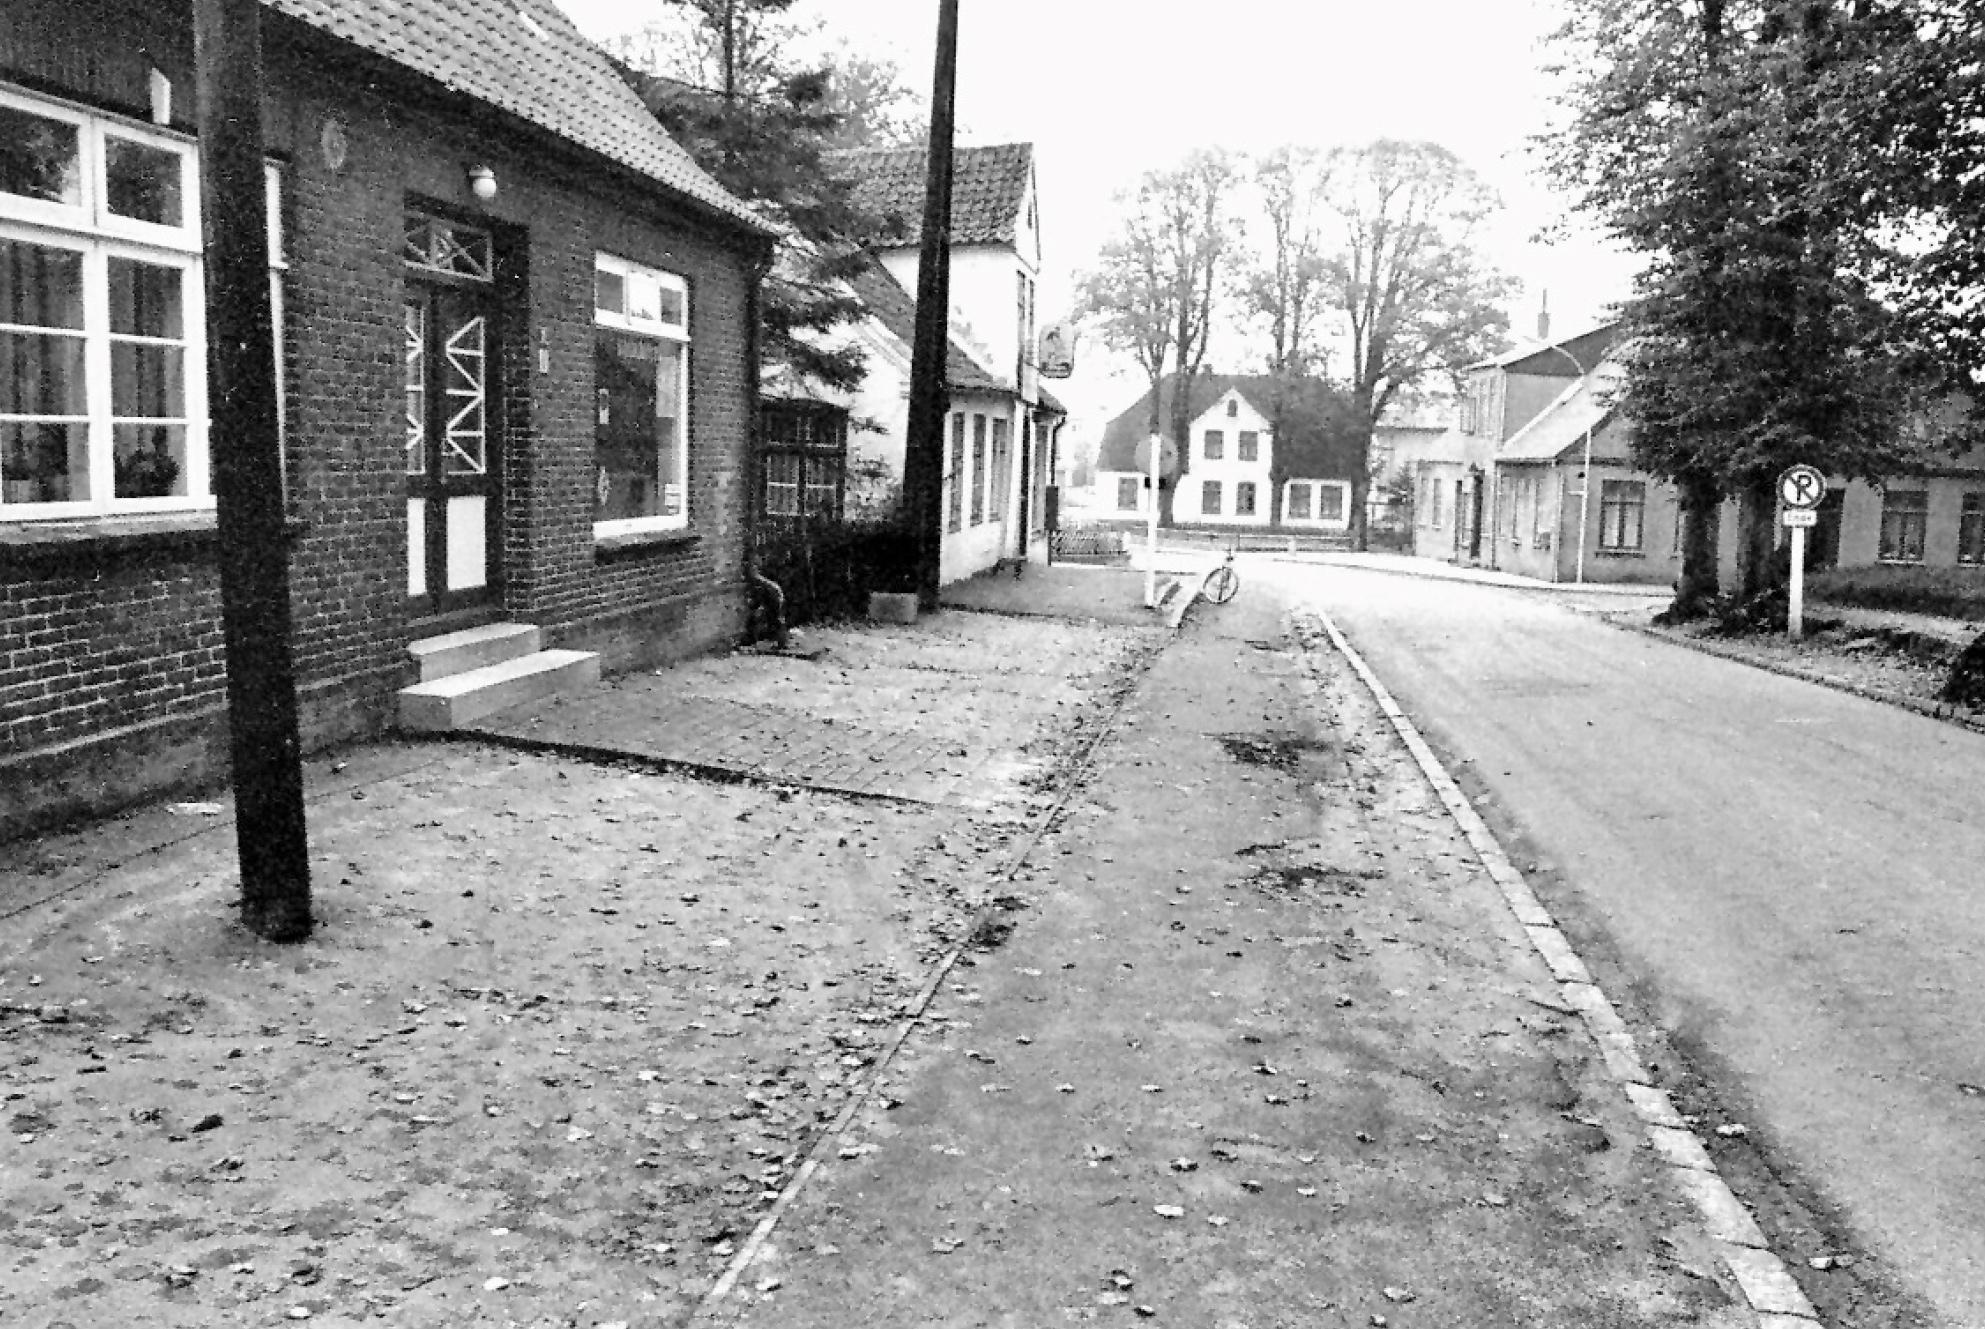 dorf_bilder/Chronik-Hennstedt-313.jpg